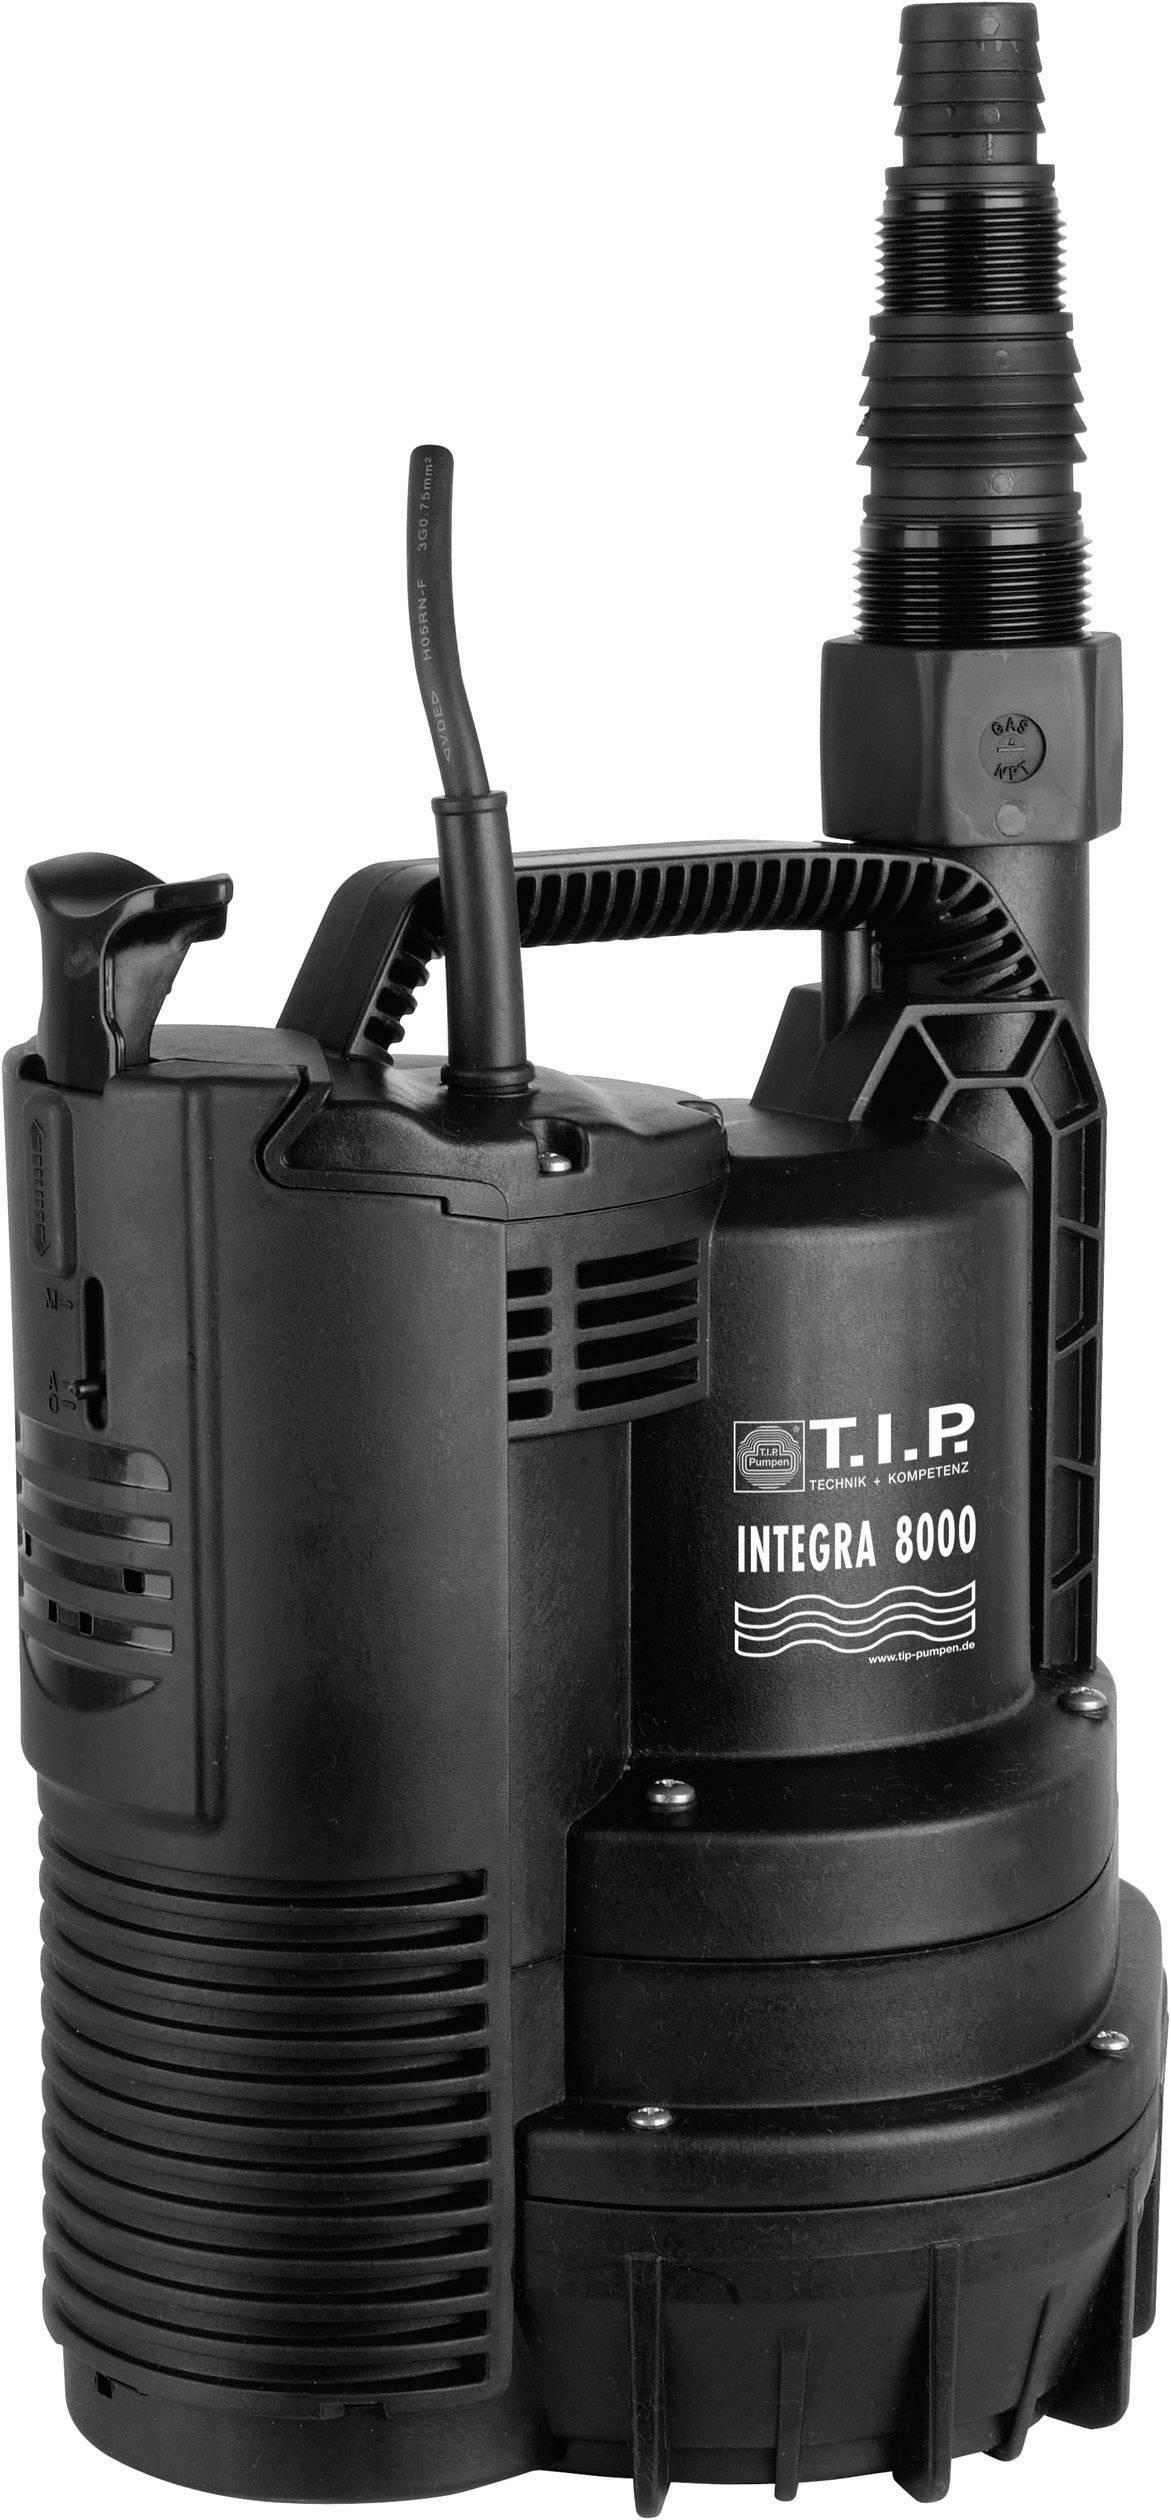 Drenážní ponorné čerpadlo Integra 8000 TIP Pumpen, 30166, 300 W